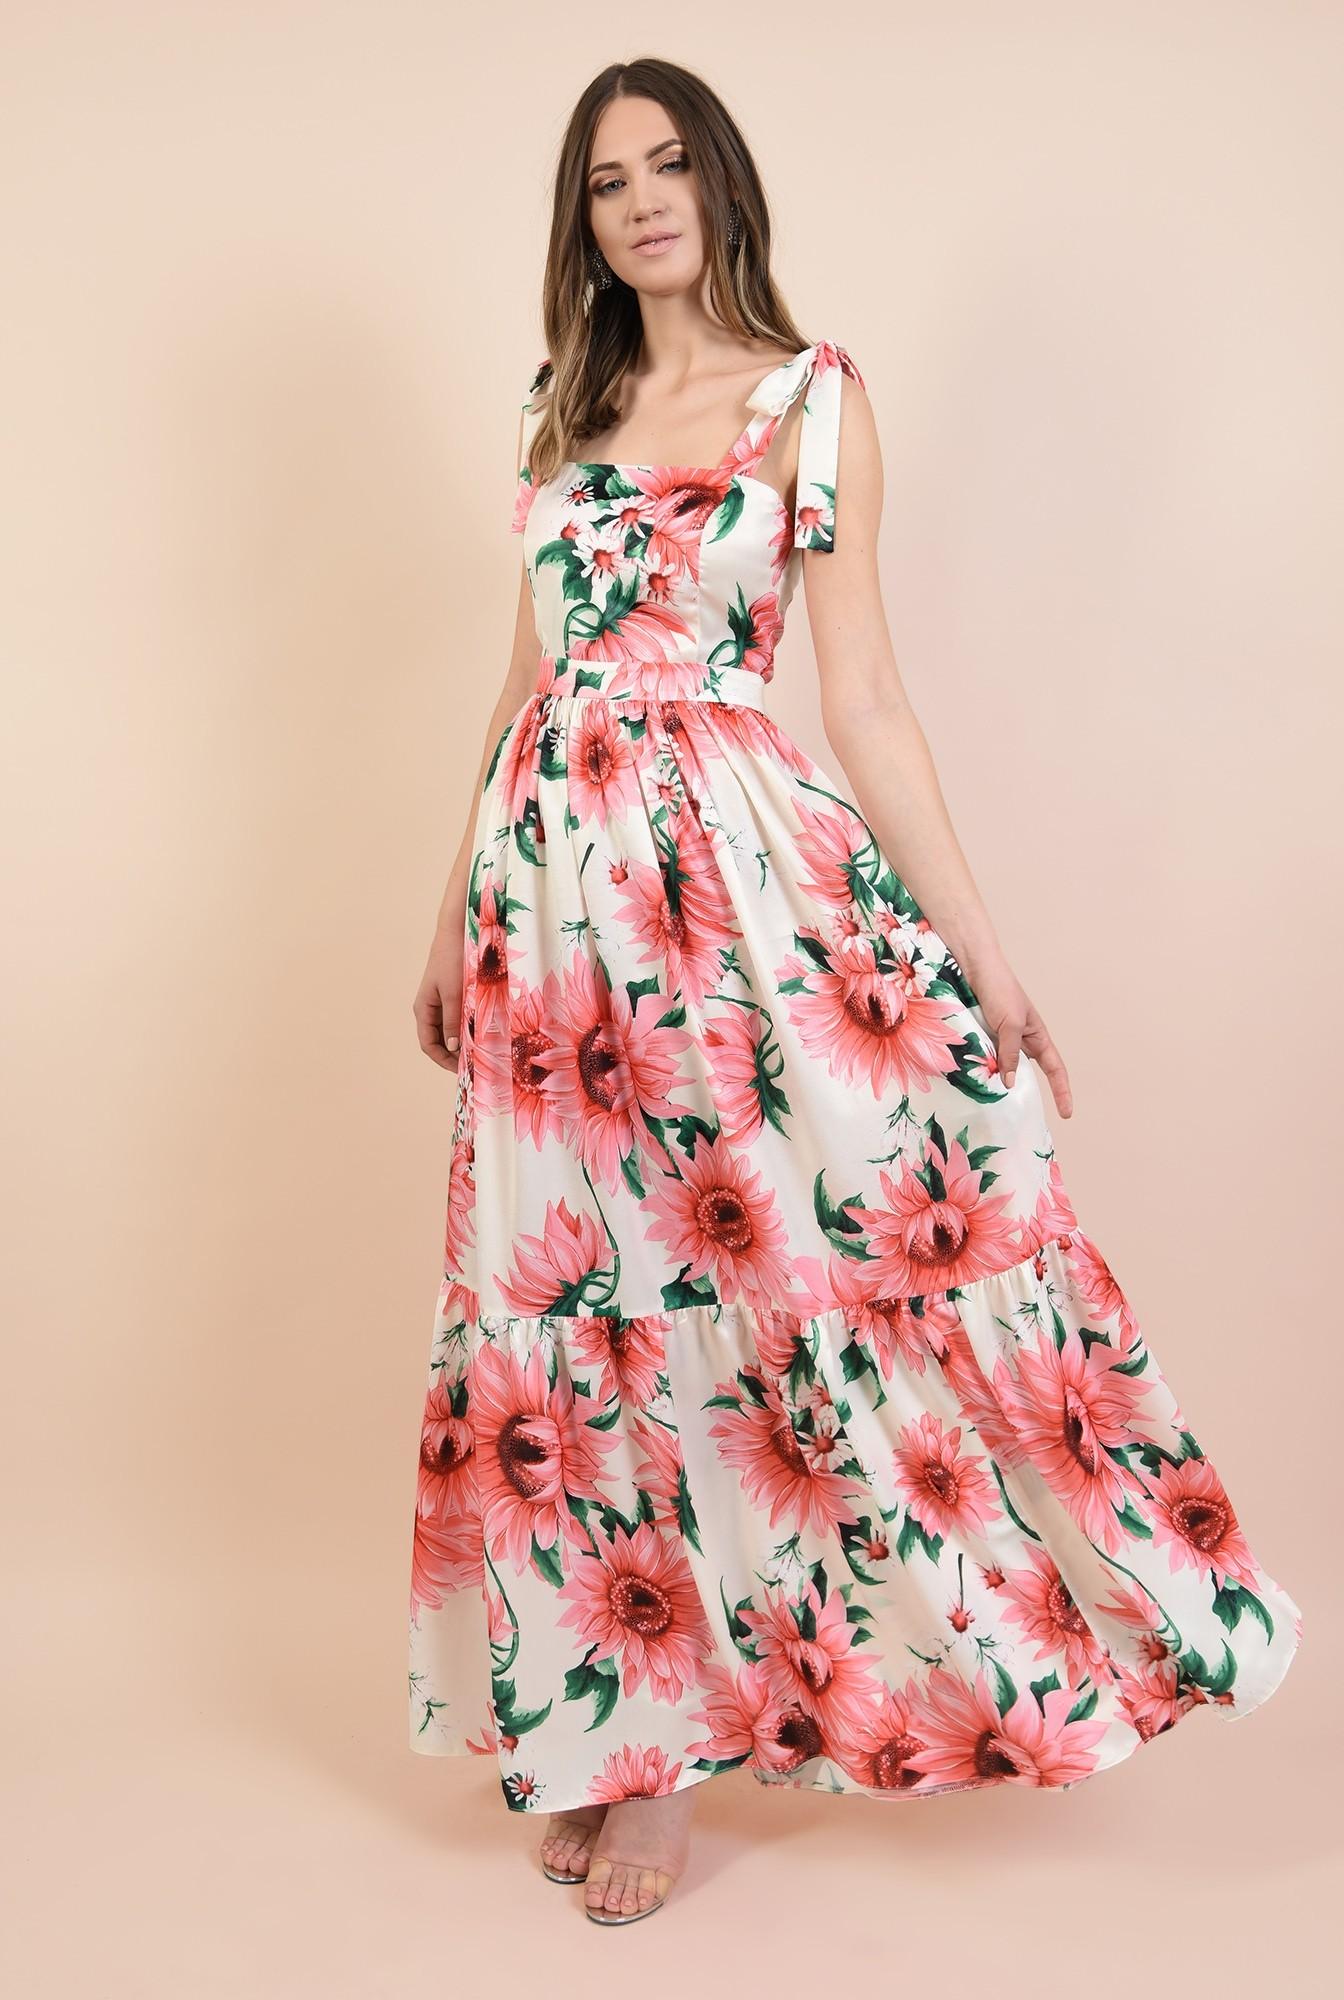 0 - 360 - rochie eleganta, lunga, din satin, cu flori, bretele cu funda